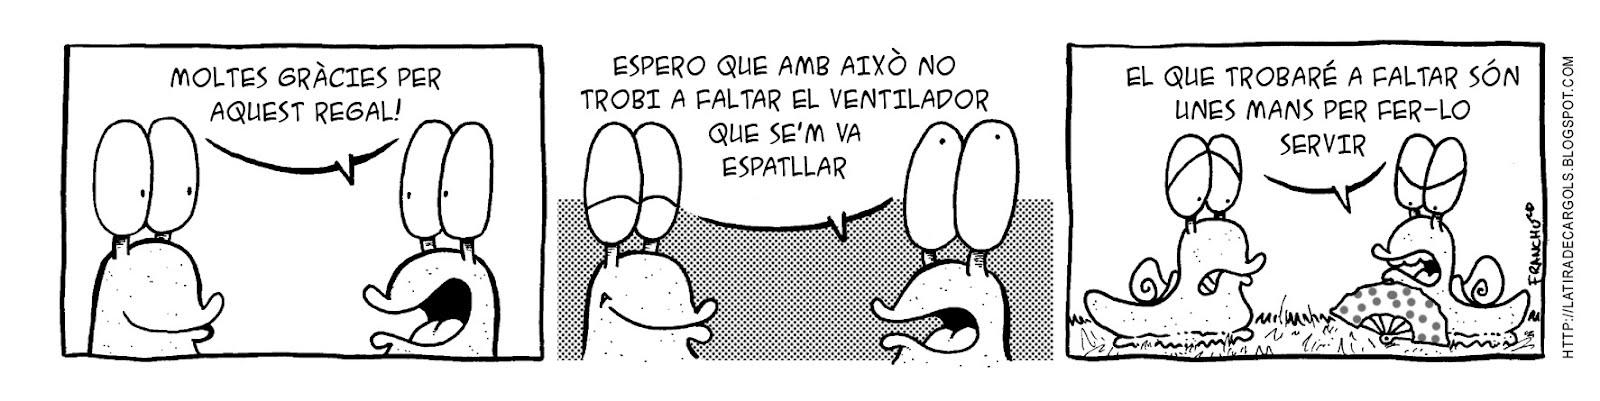 Tira comica 135 del webcomic Cargols del dibuixant Franchu de Barcelona